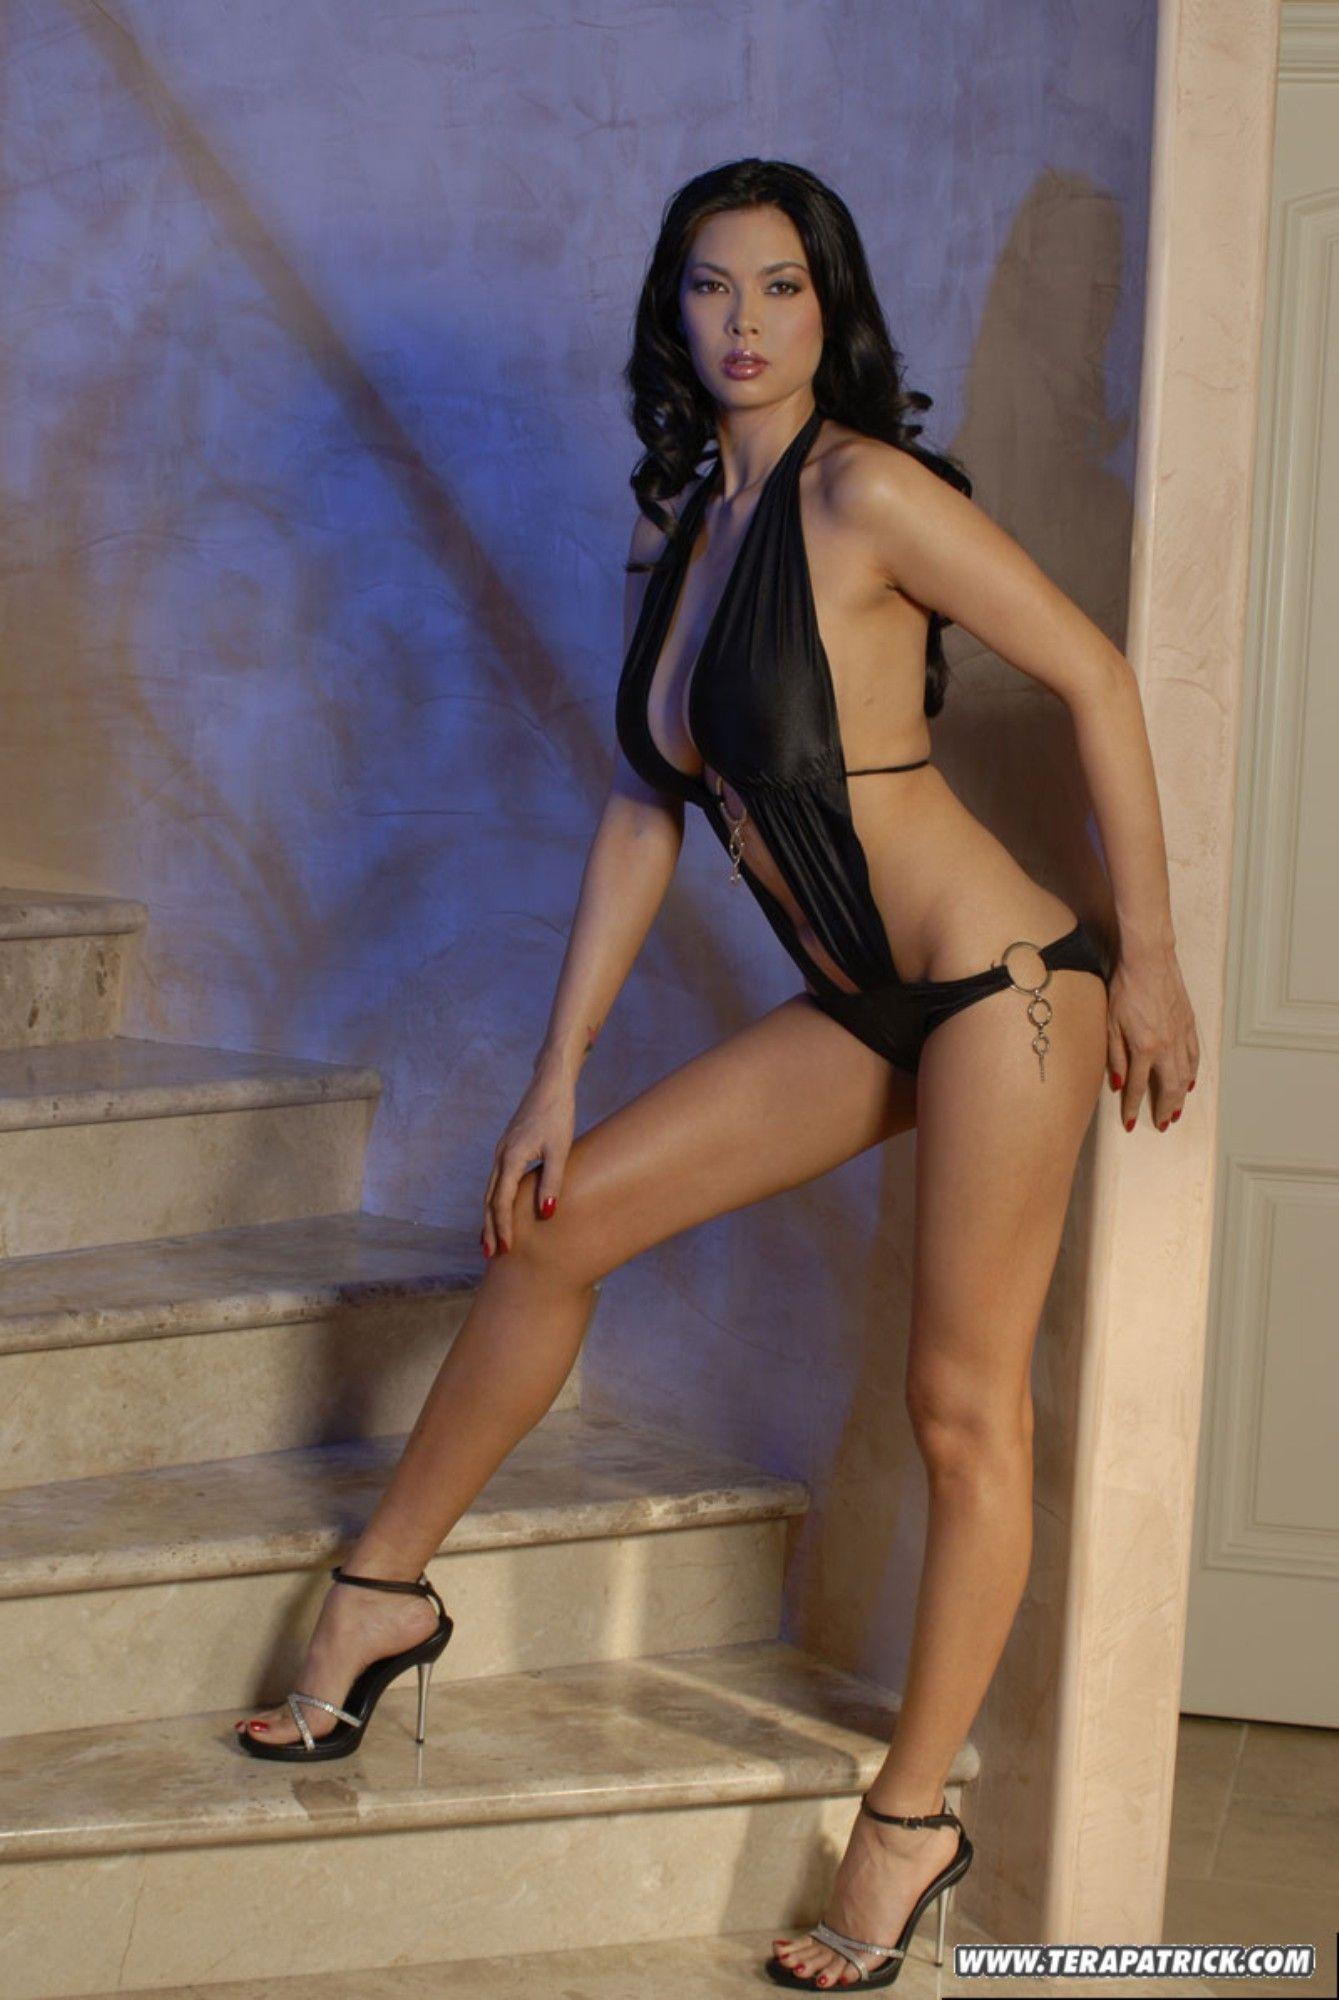 Shakira sexy nude hd hot photos